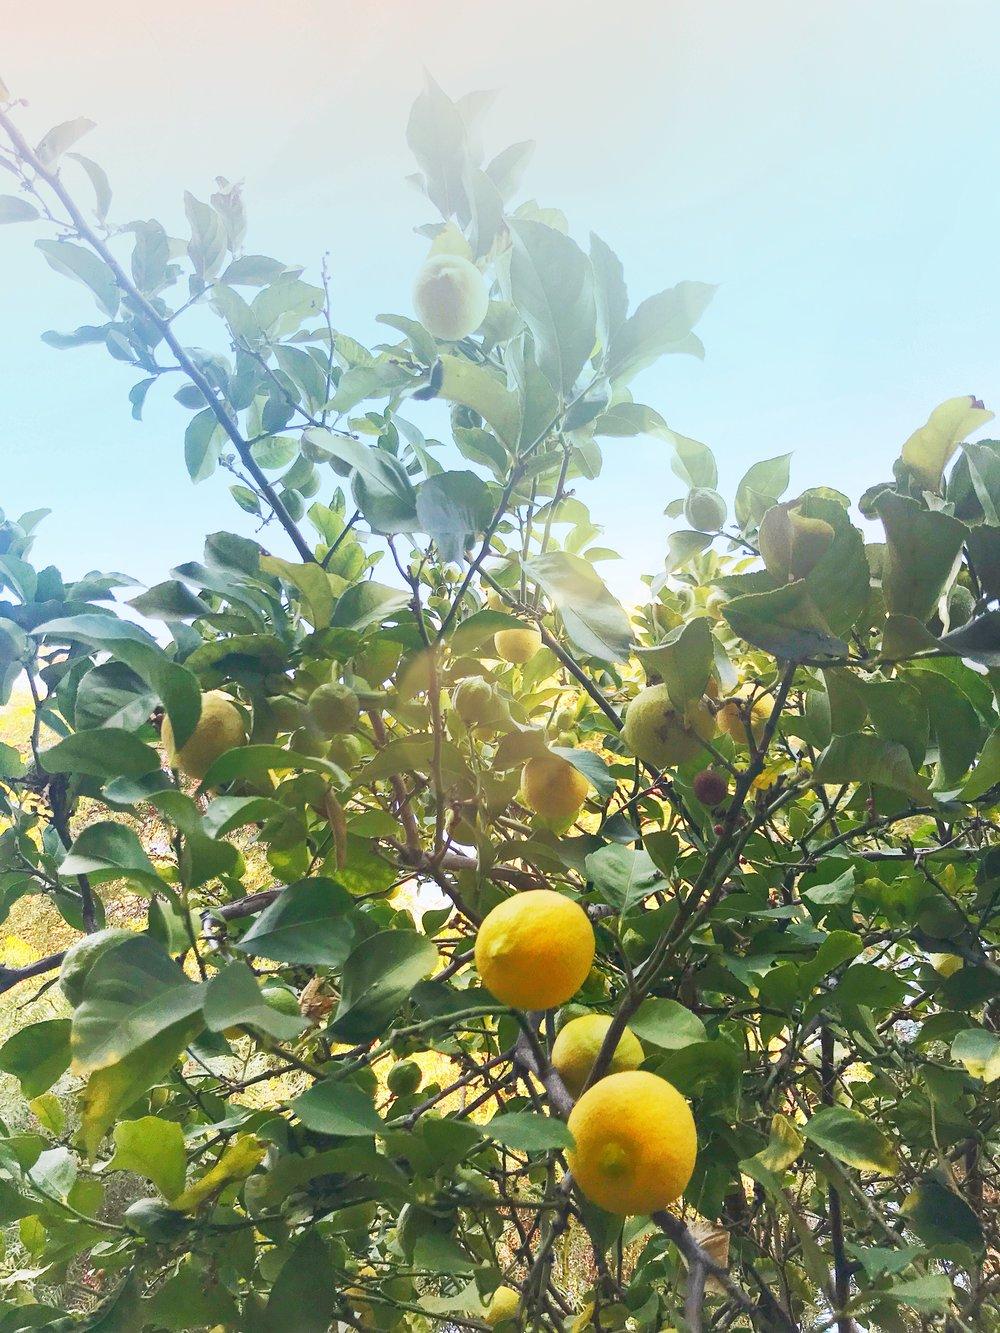 Lemon_Branches.JPG